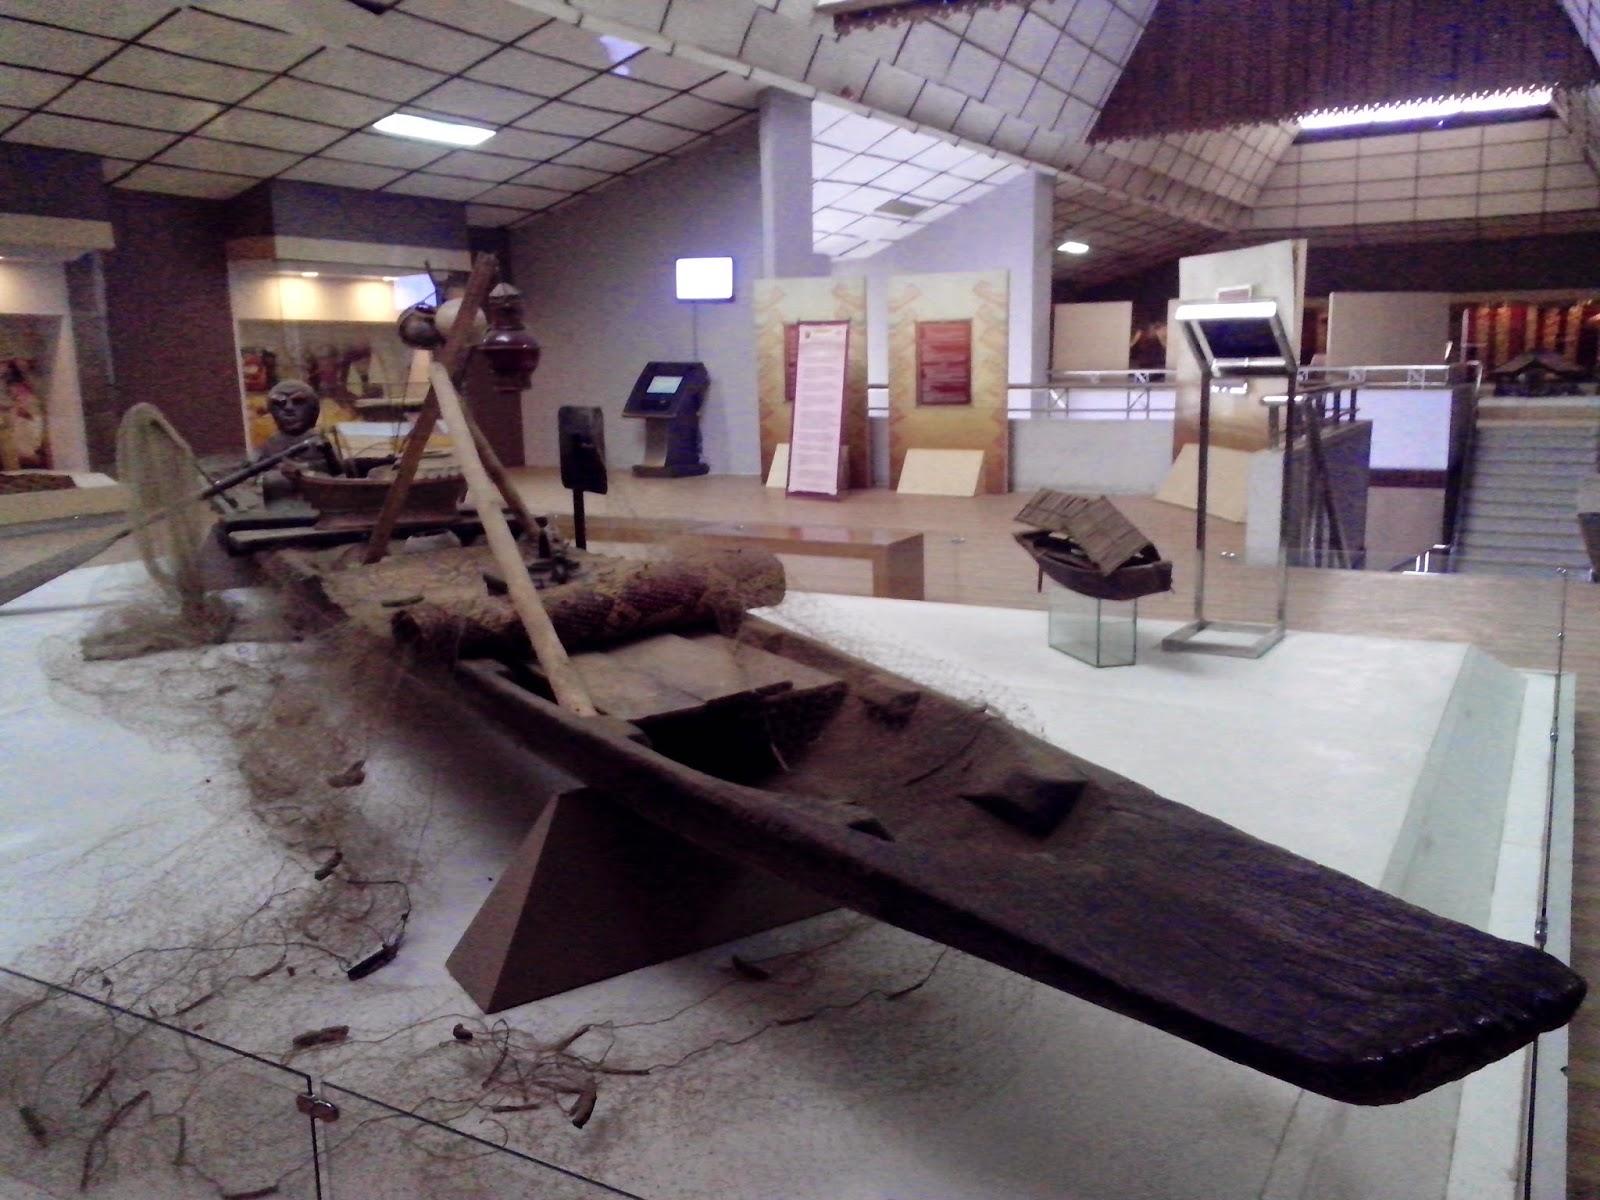 Lampung Traveller Jalan Museum Eh Nemu Perahu Jung Berbagai Anekdot